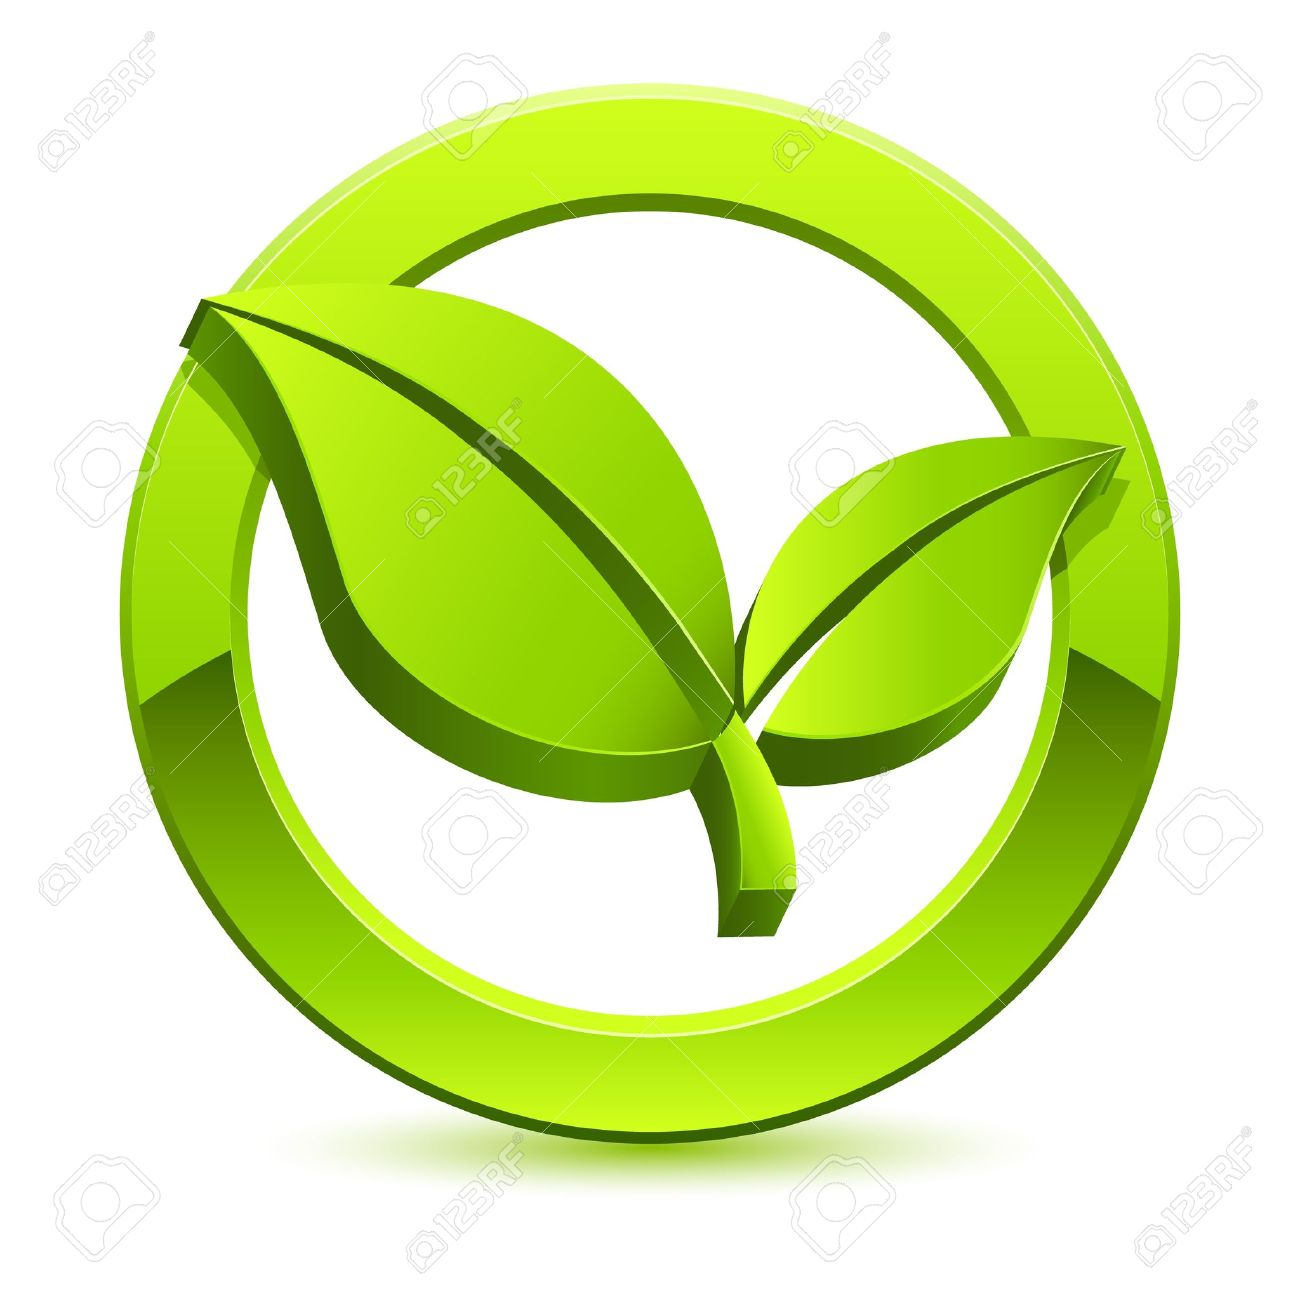 Verde, Signo Ecológico Ilustraciones Vectoriales, Clip Art ...